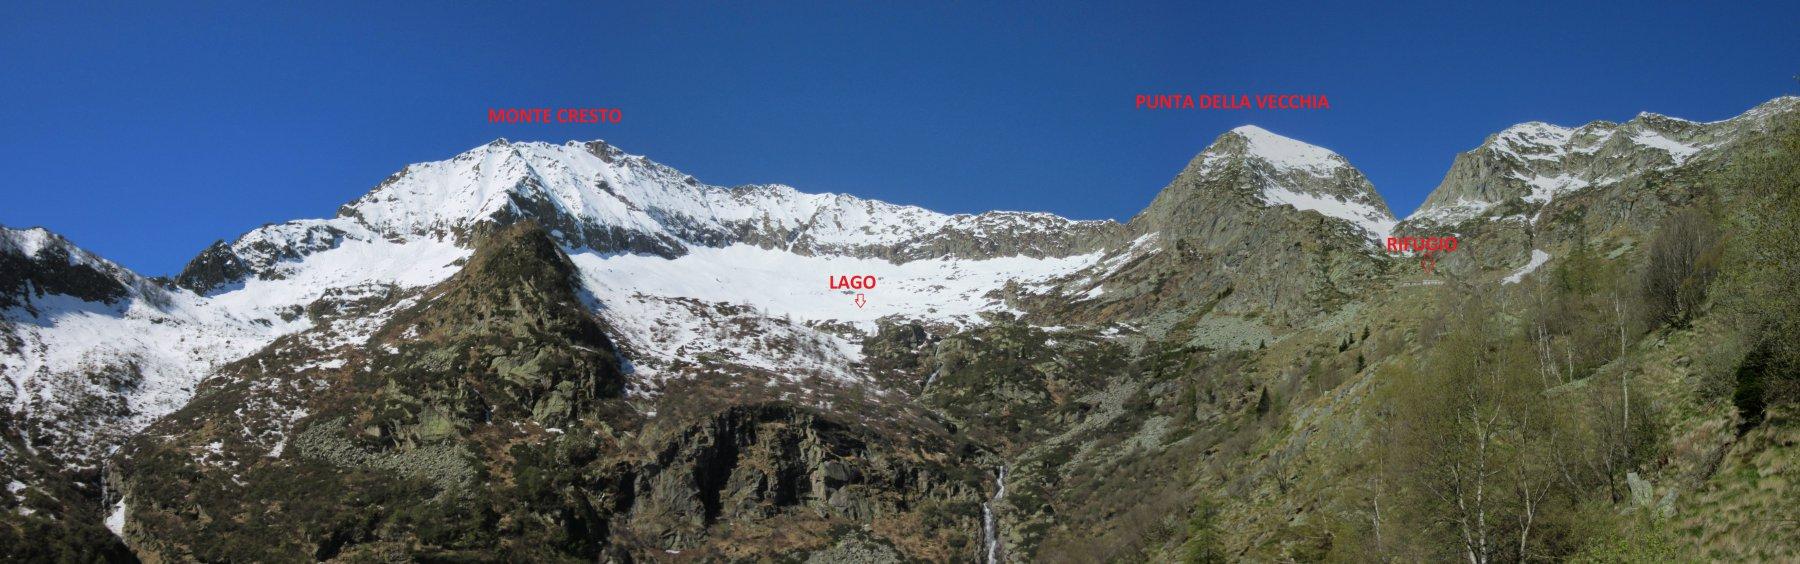 Panorama sulla testata del vallone